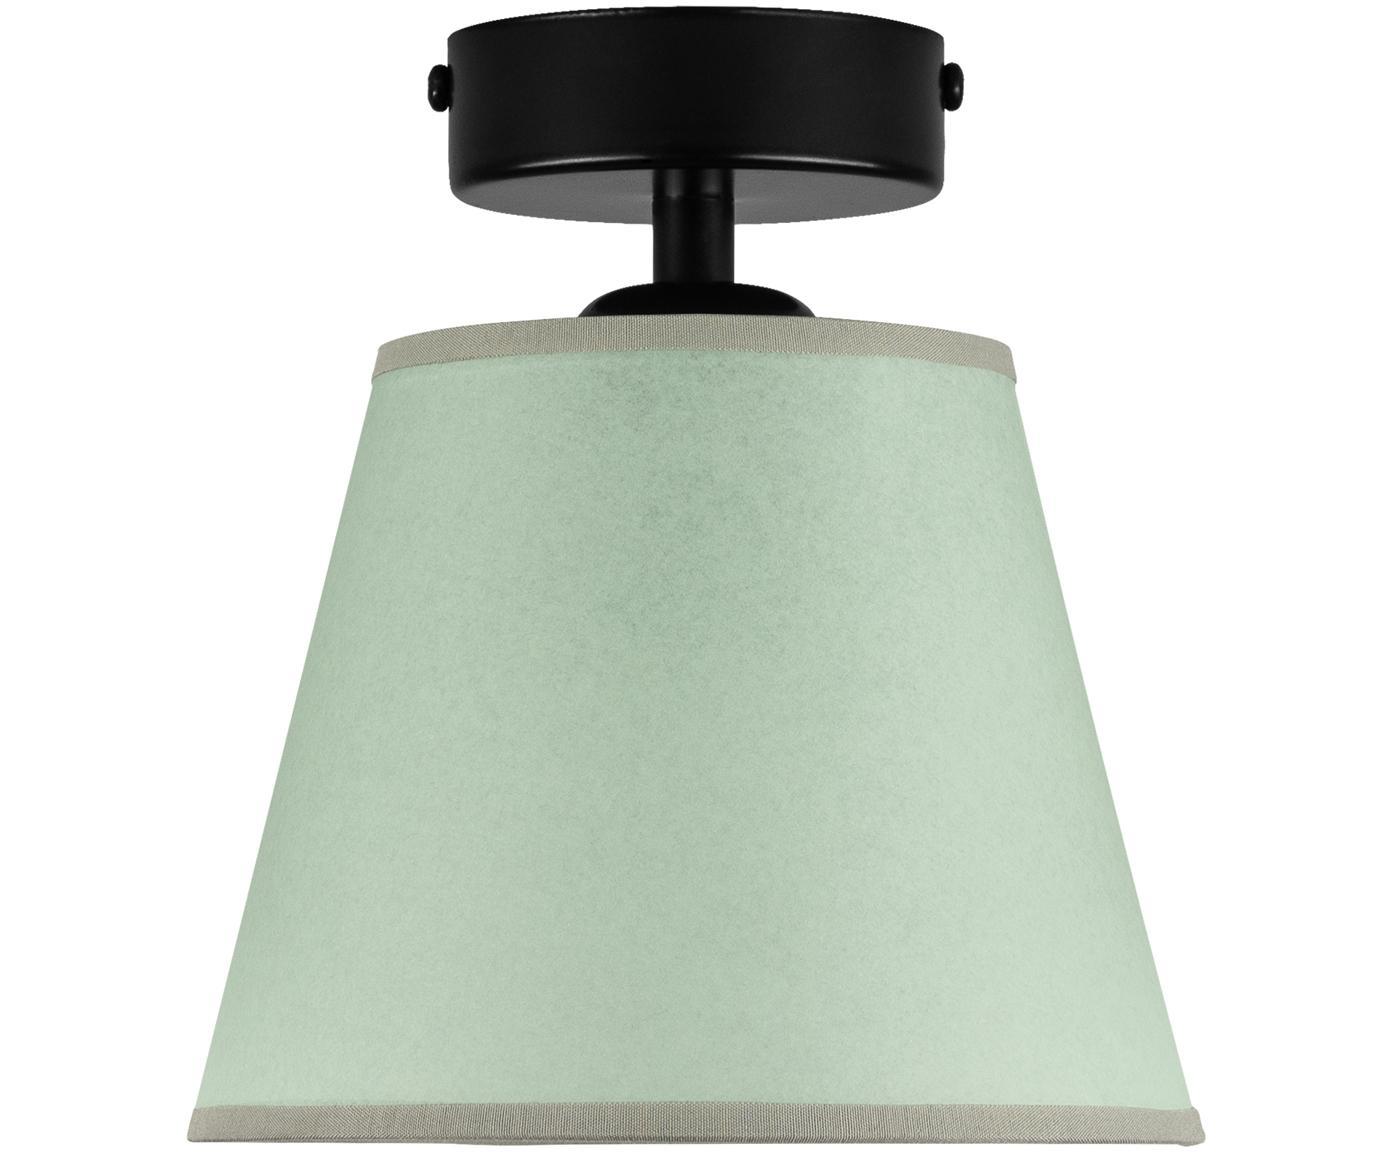 Mała lampa sufitowa z papieru Iro, Zielony, czarny, Ø 16 x W 18 cm